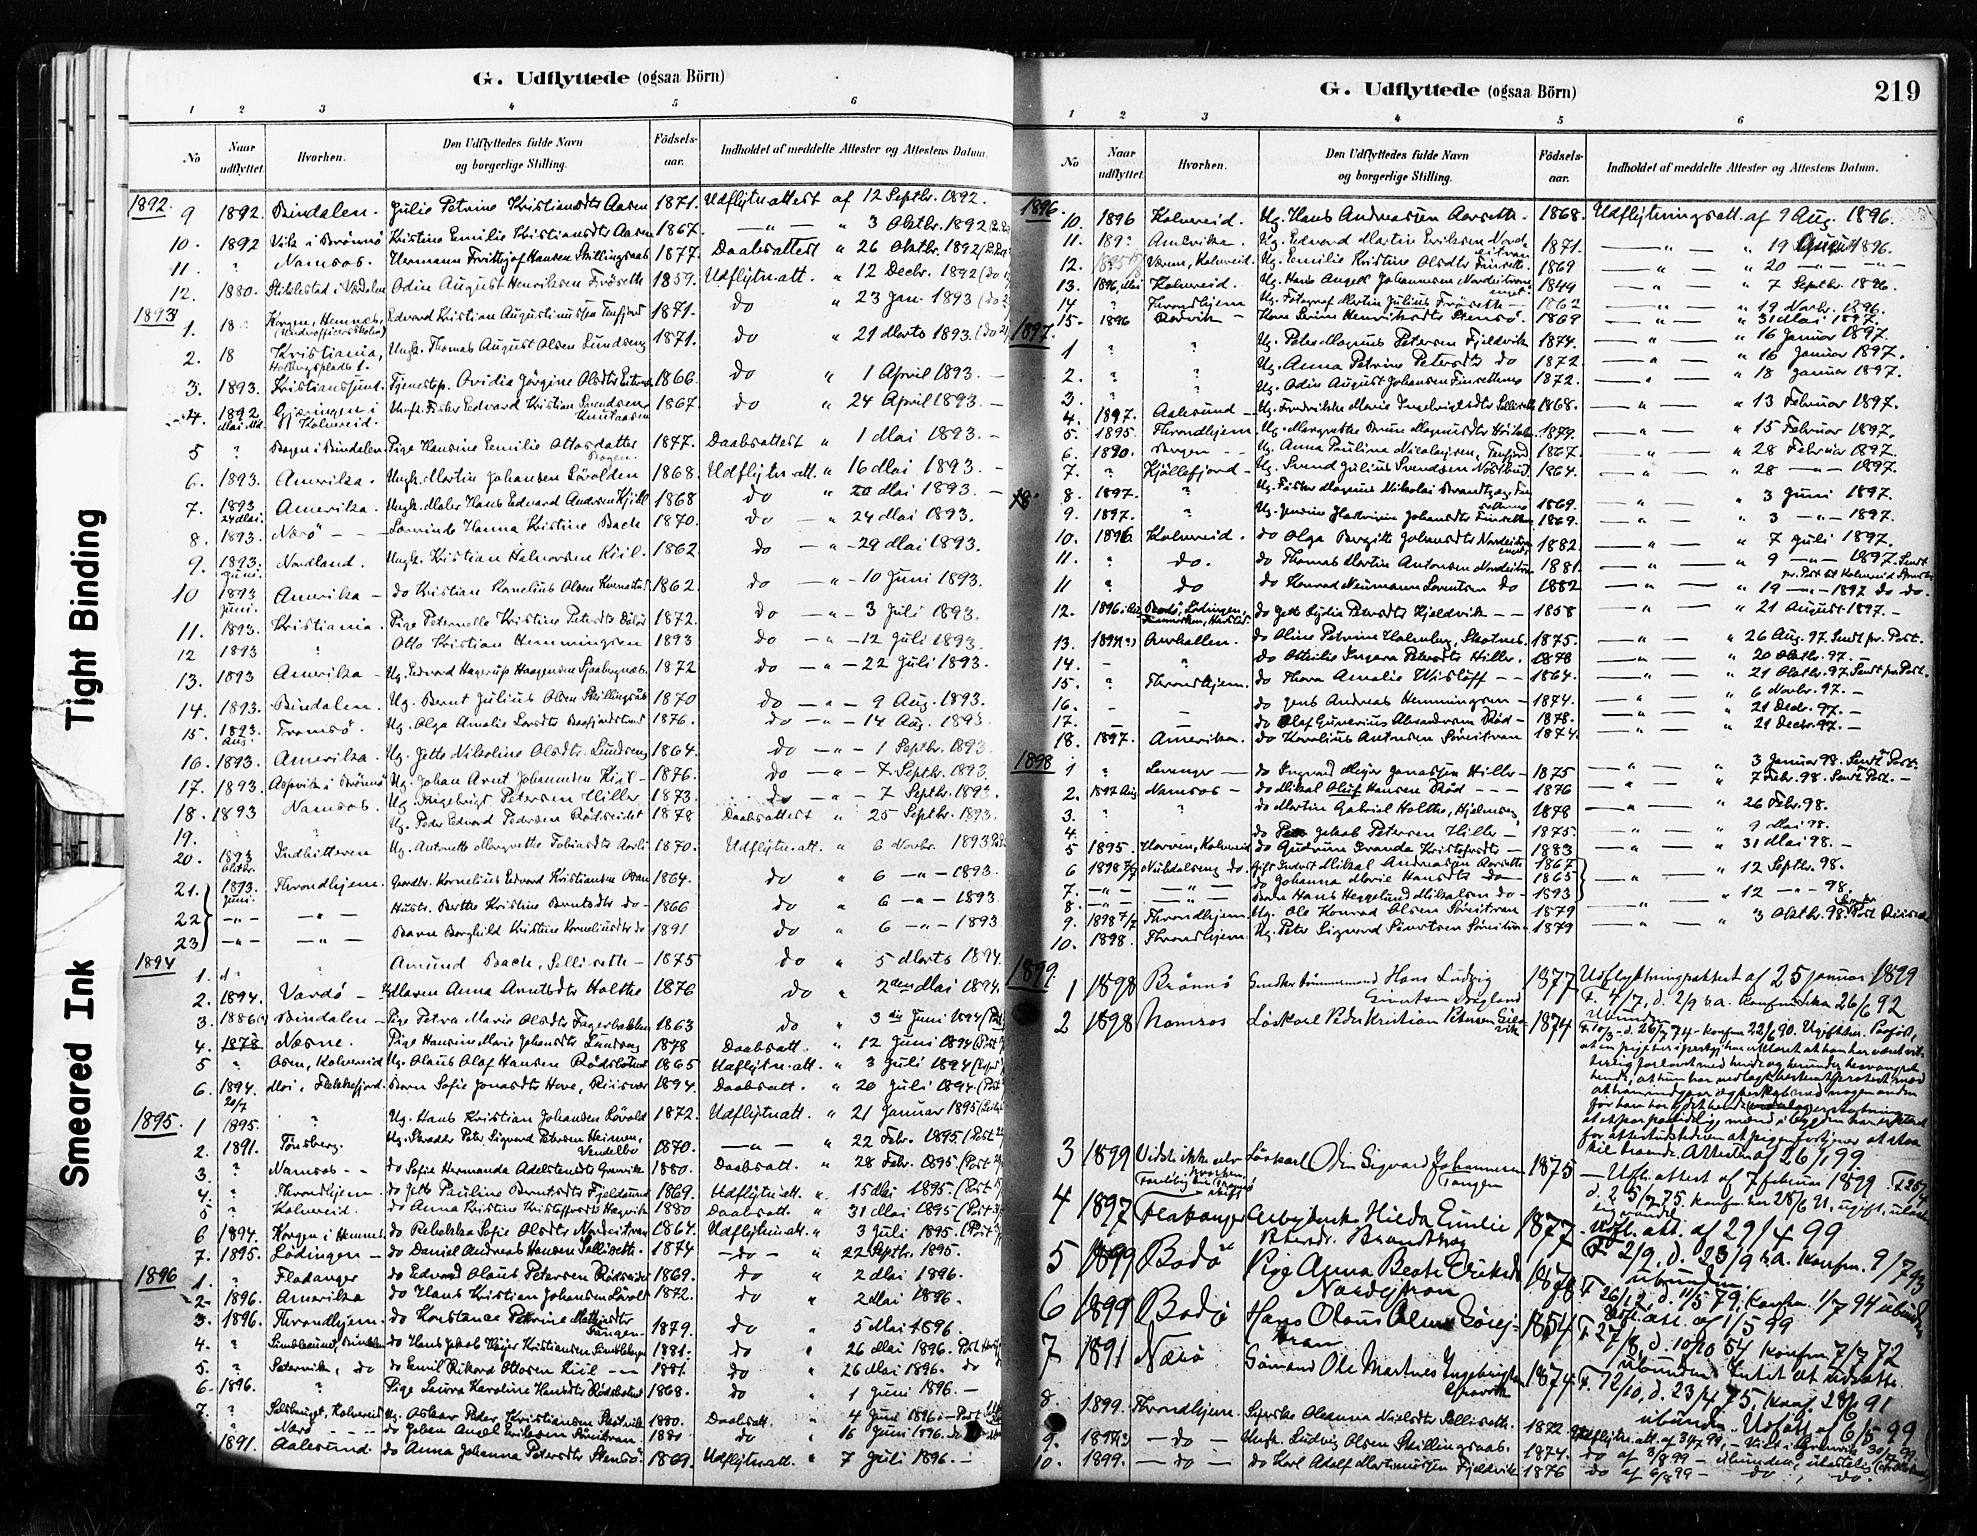 SAT, Ministerialprotokoller, klokkerbøker og fødselsregistre - Nord-Trøndelag, 789/L0705: Ministerialbok nr. 789A01, 1878-1910, s. 219